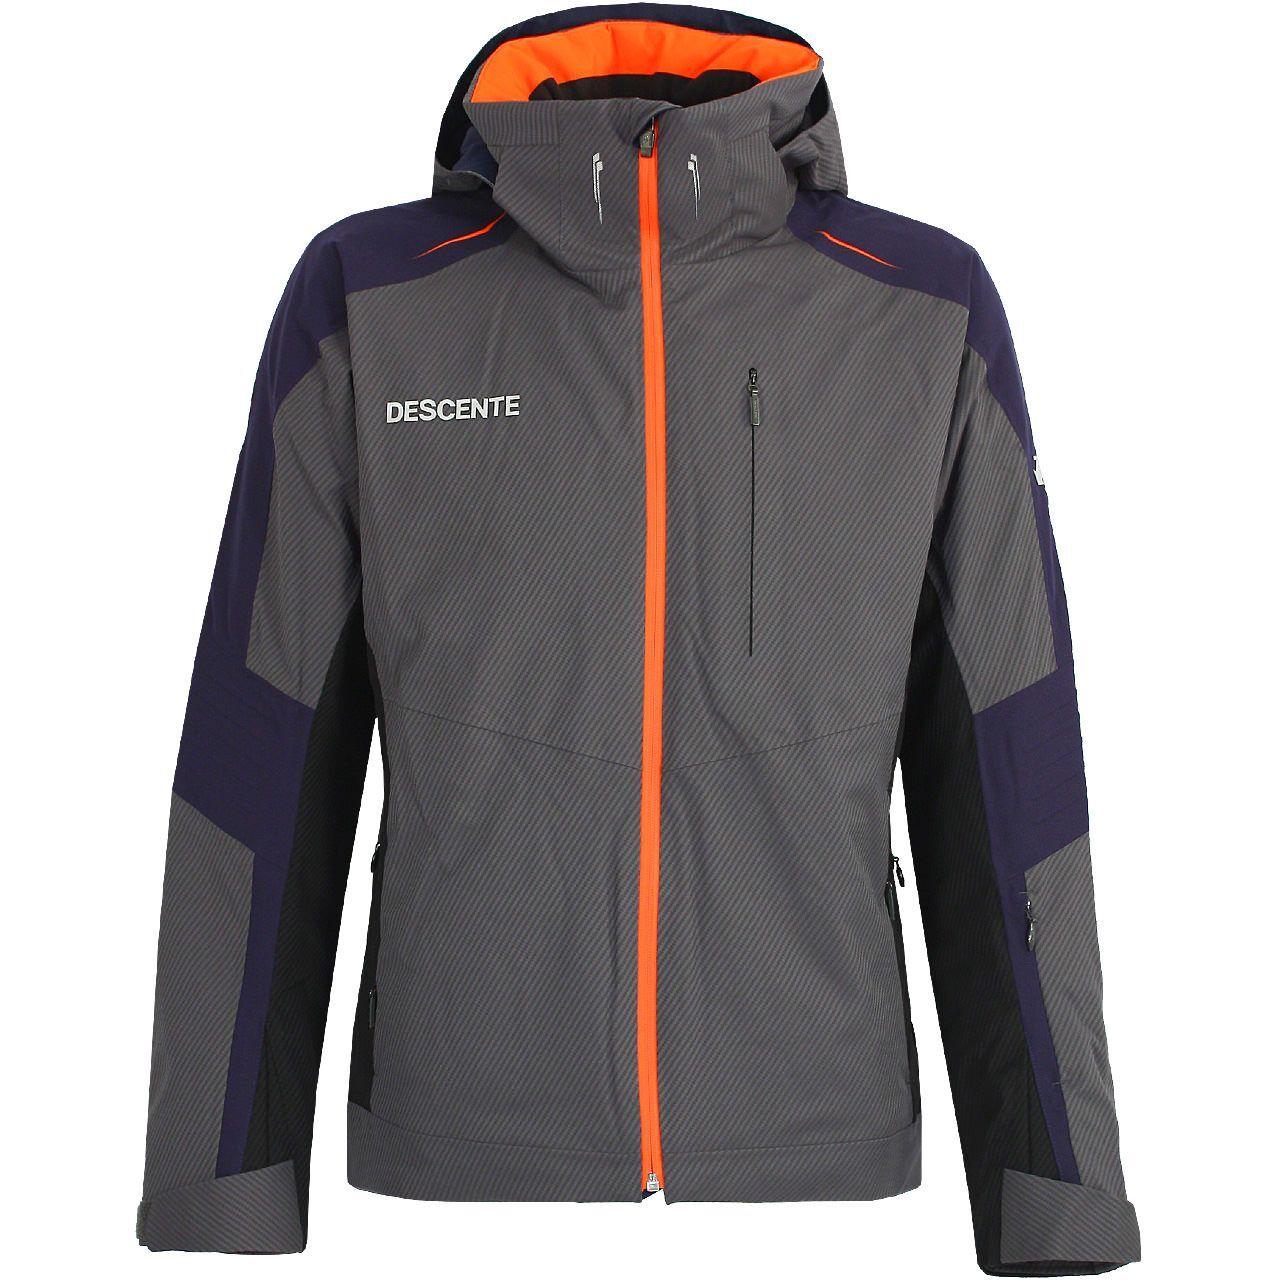 Descente Men Jacket Hector carbon